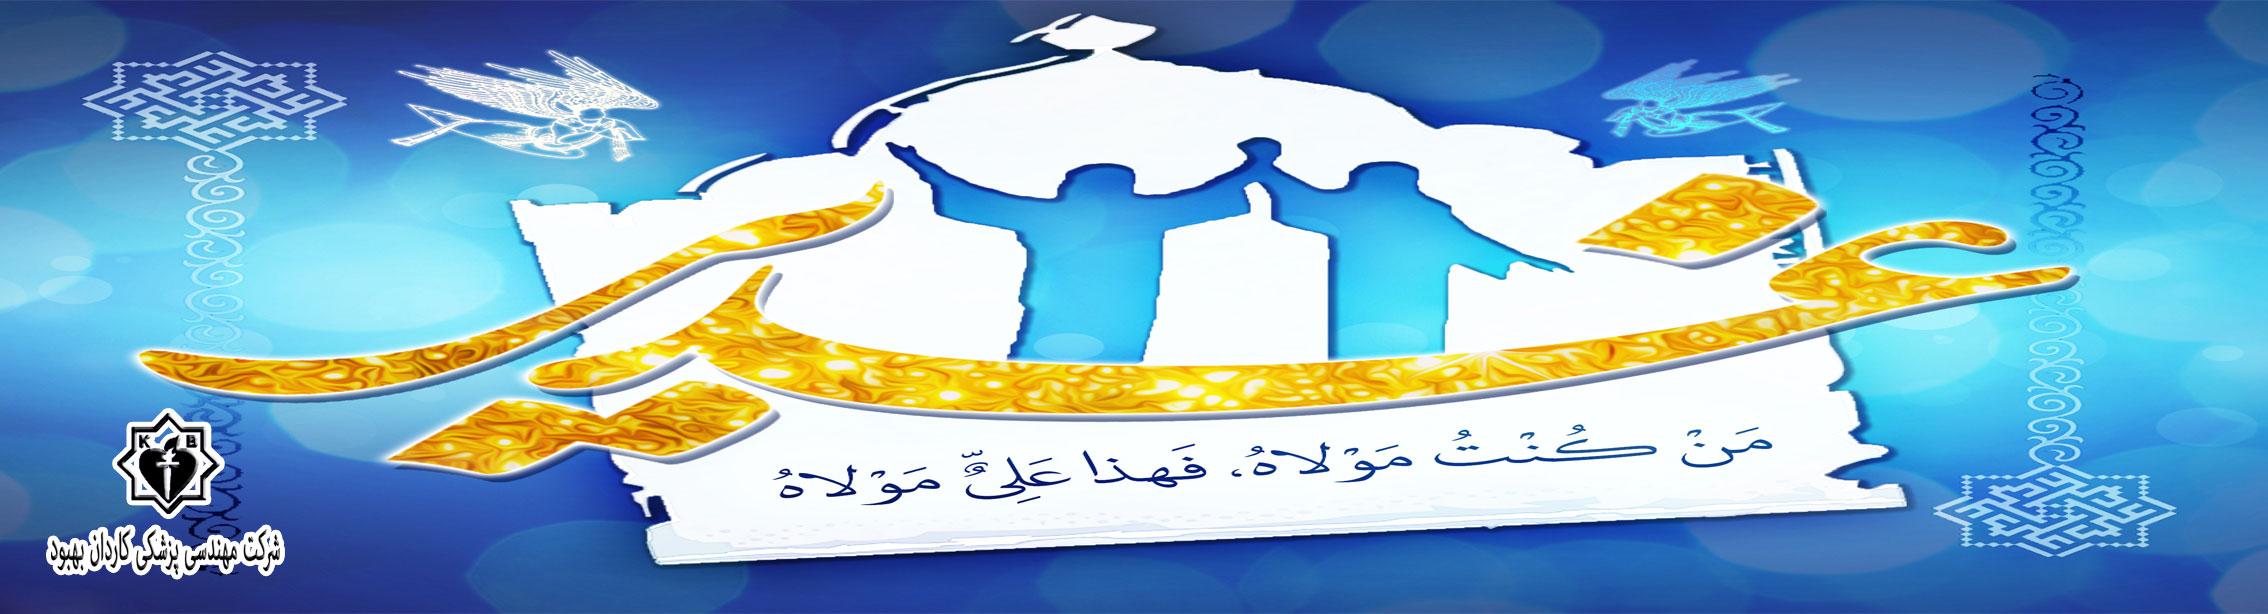 Ghadir96-3